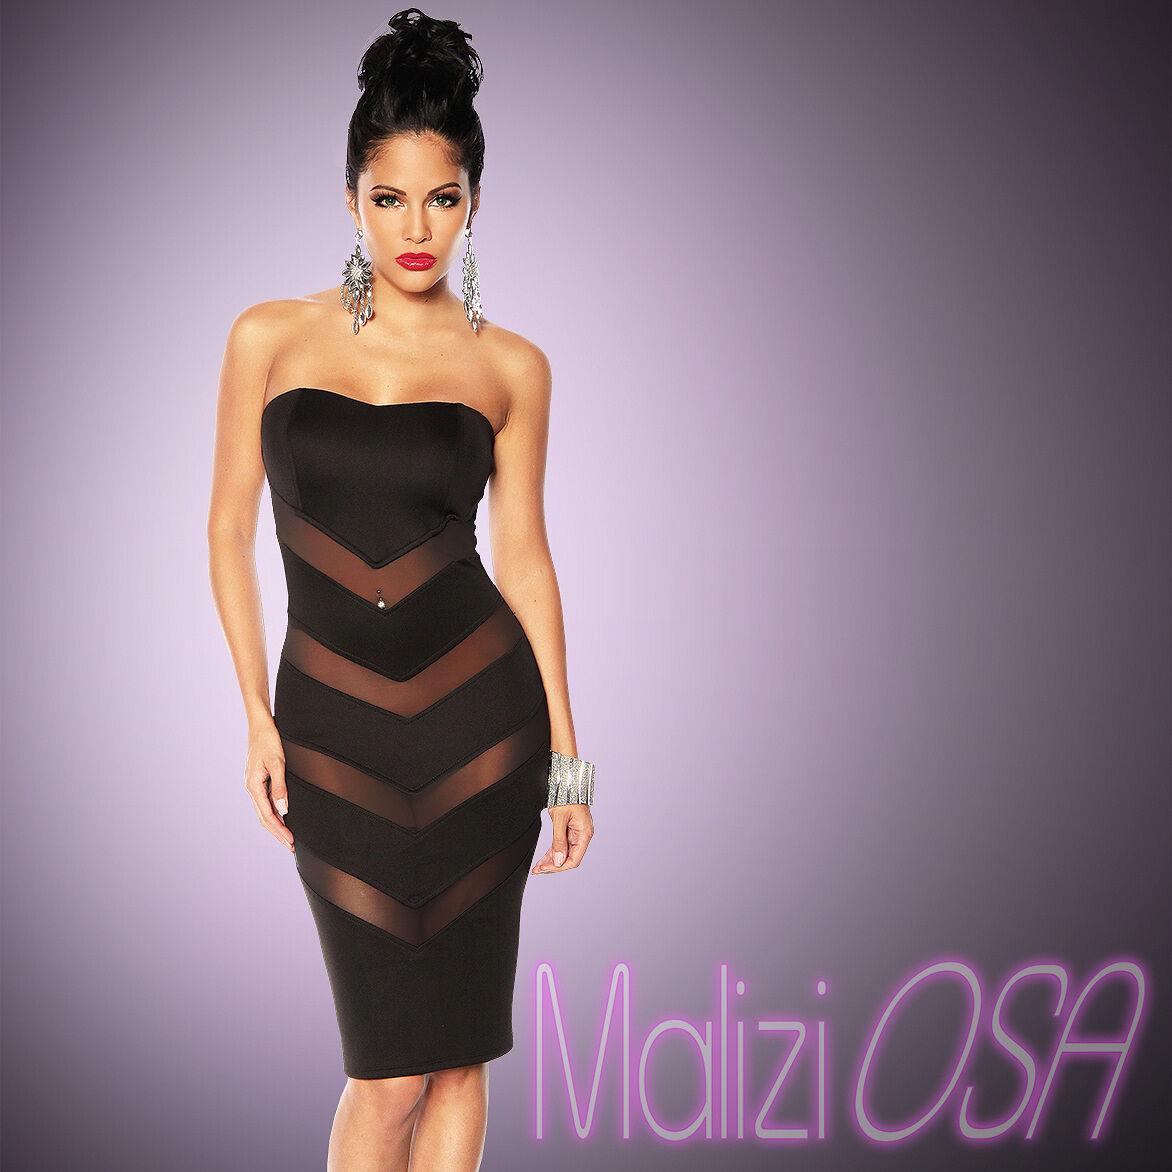 8fd4c750a943 Mini Abito Tubino nero Sexy Vestito DONNA Sera Party trasparenze vestitino  dress